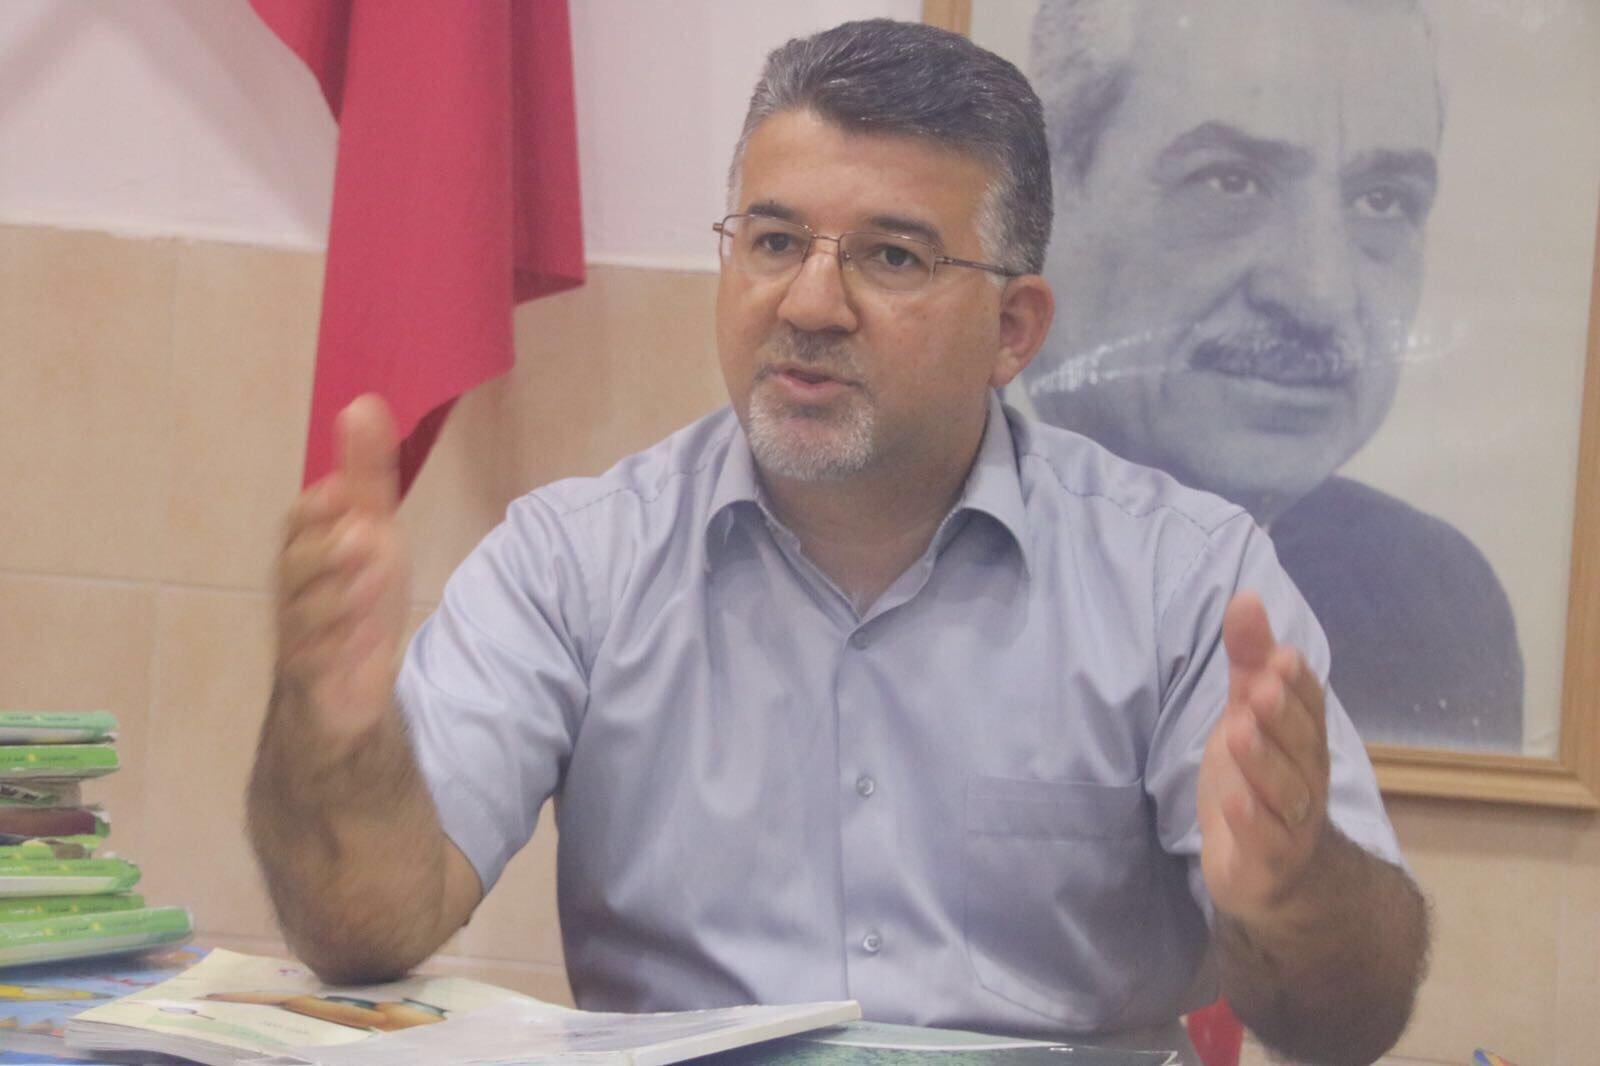 النائب د.جبارين وسلامة لـبكرا: مستمرّون بالعمل ضد الهدم في قلنسوة